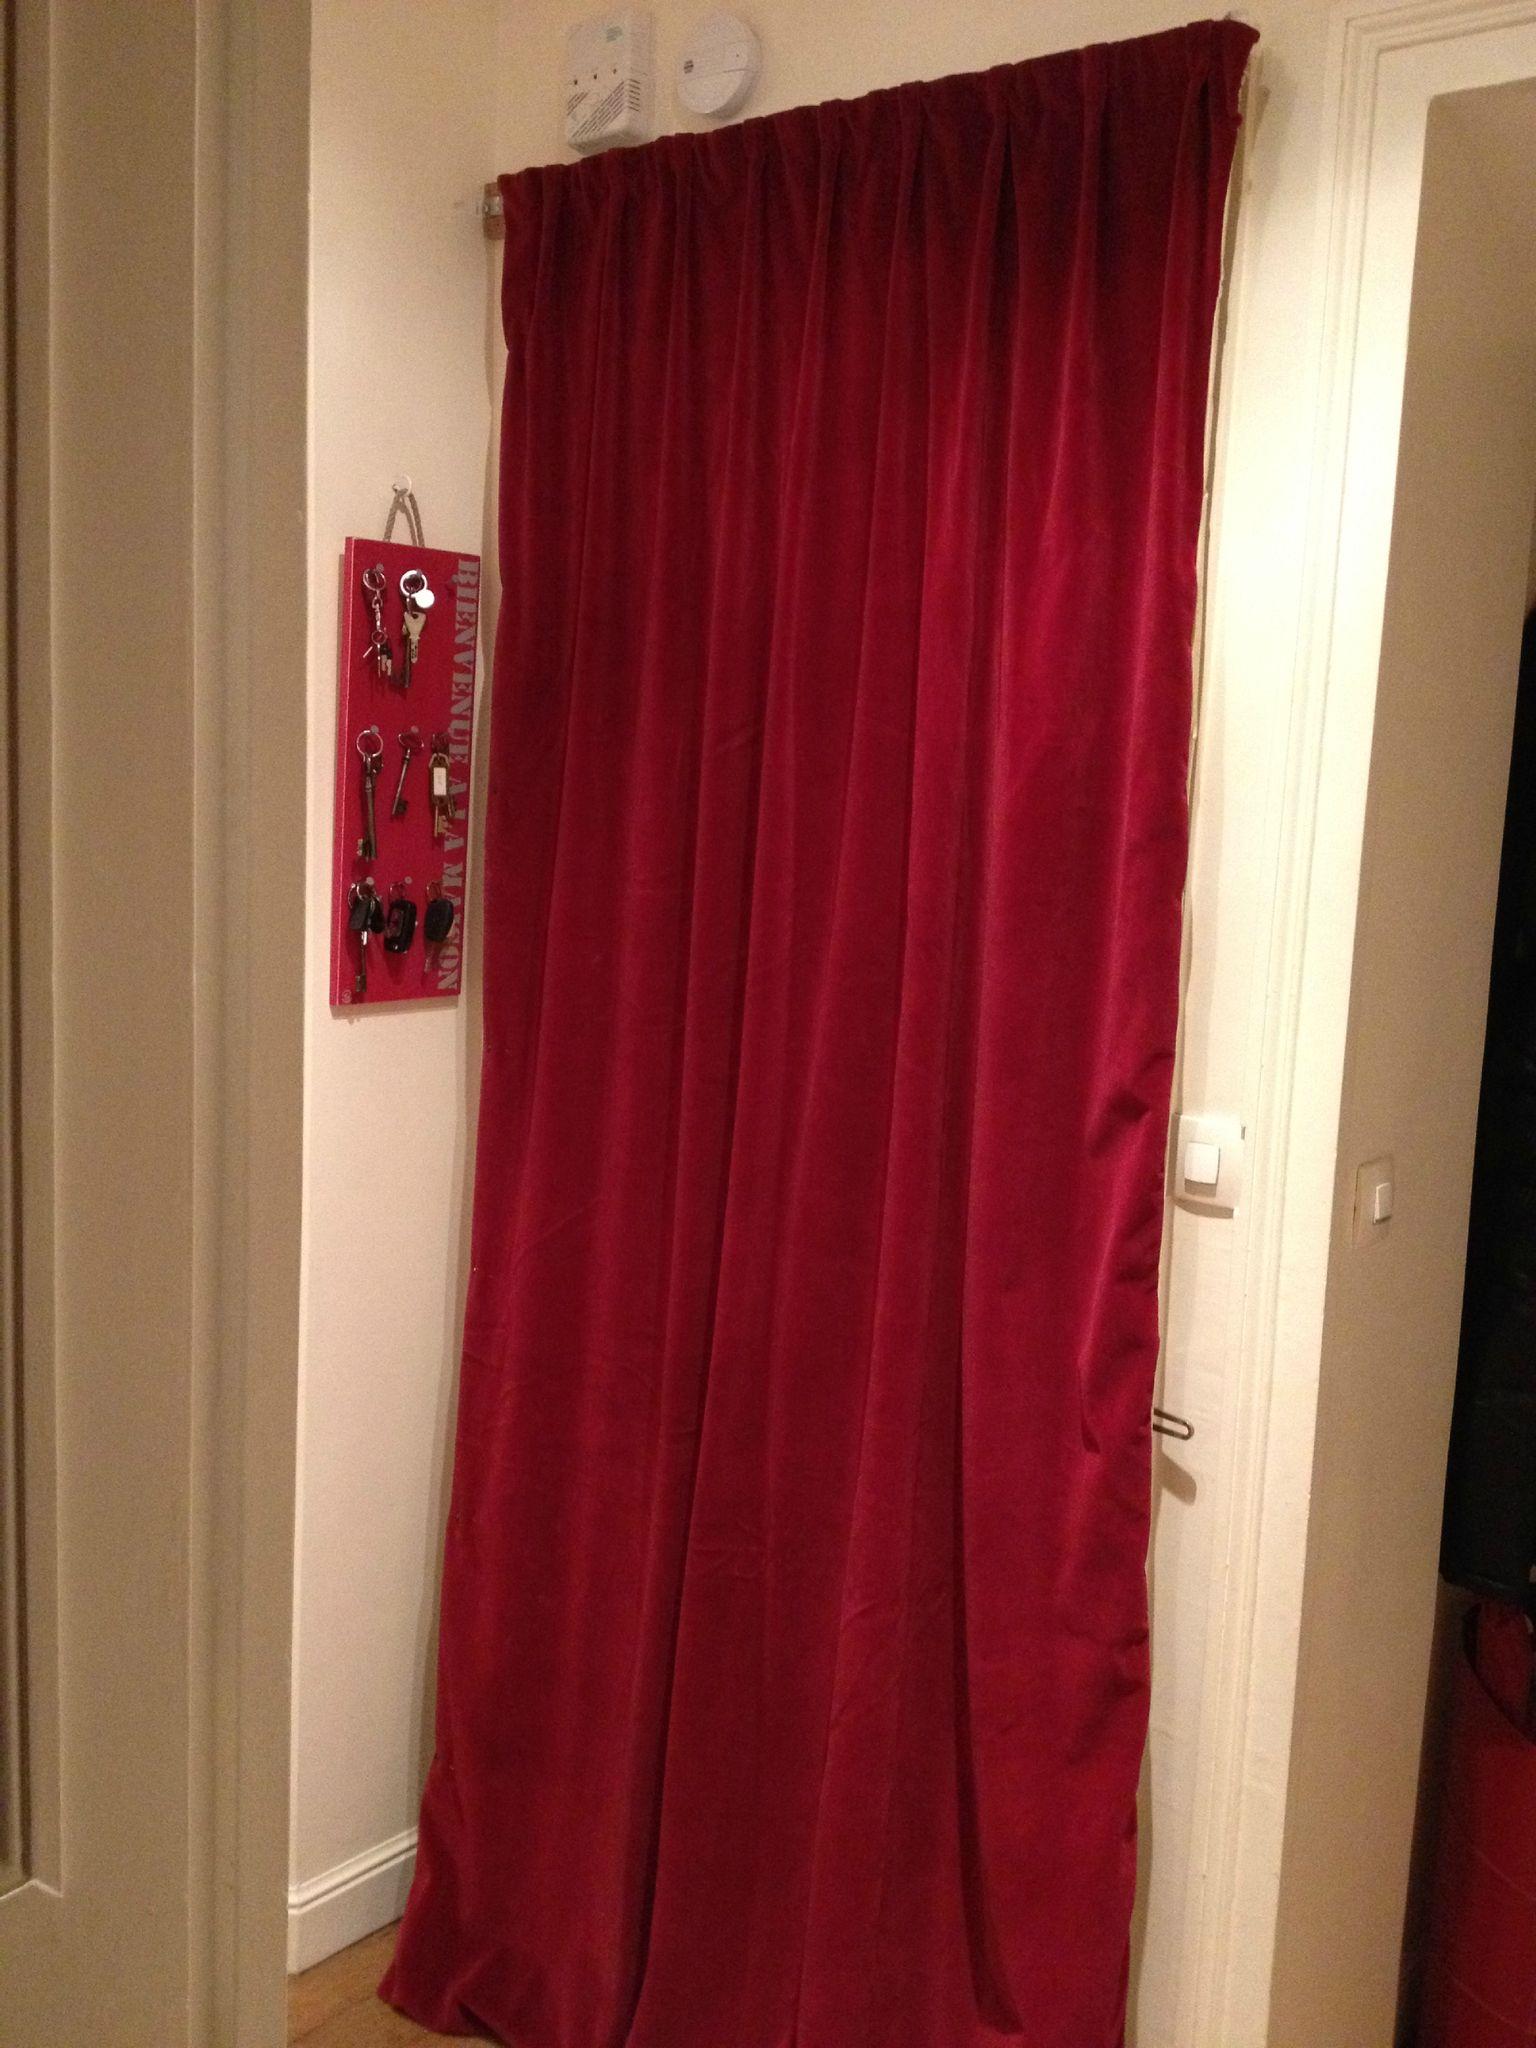 le rideau de porte de clementine l